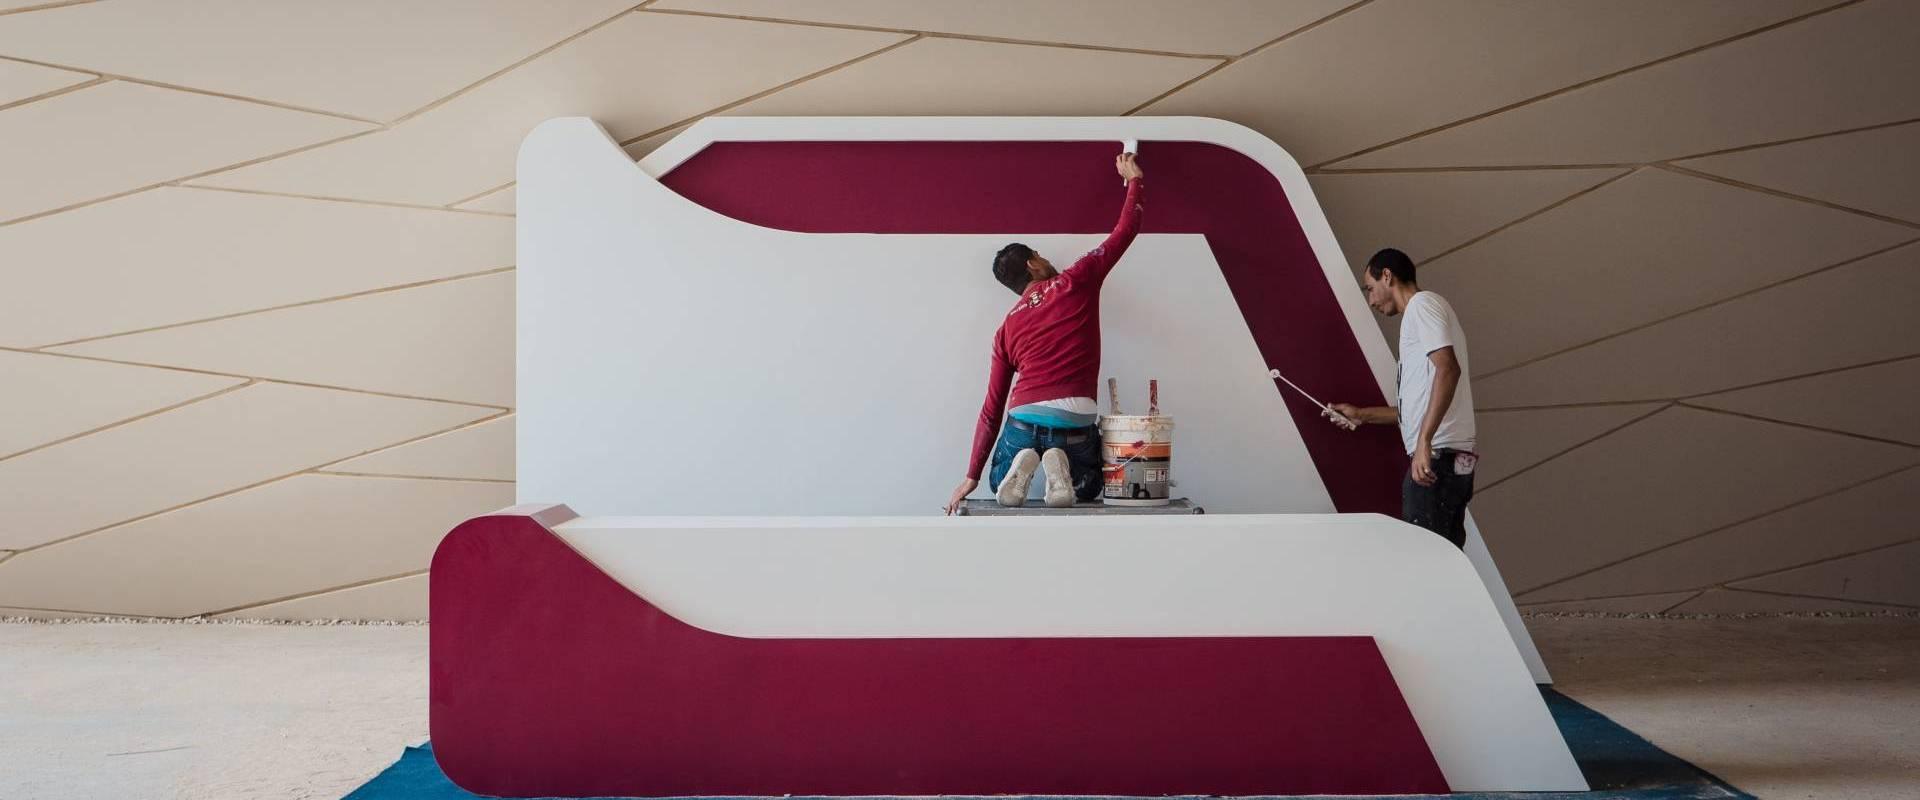 Eröffnung des neuen Nationalmuseums in Katar